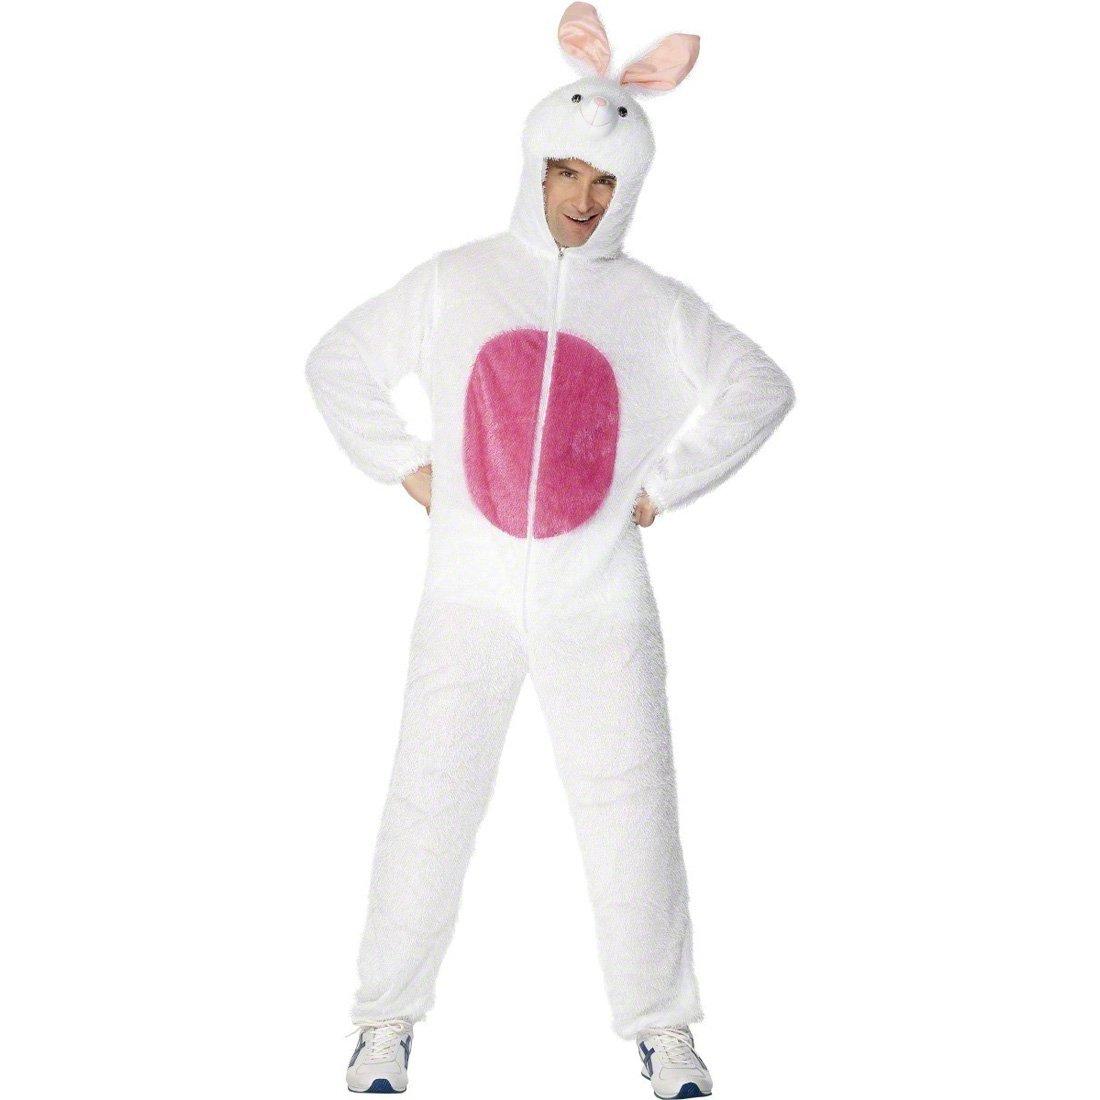 Kostüm Hase Hasenkostüm Hasenkostüme Bunny Bunnykostüm M/L M/L M/L b1558a